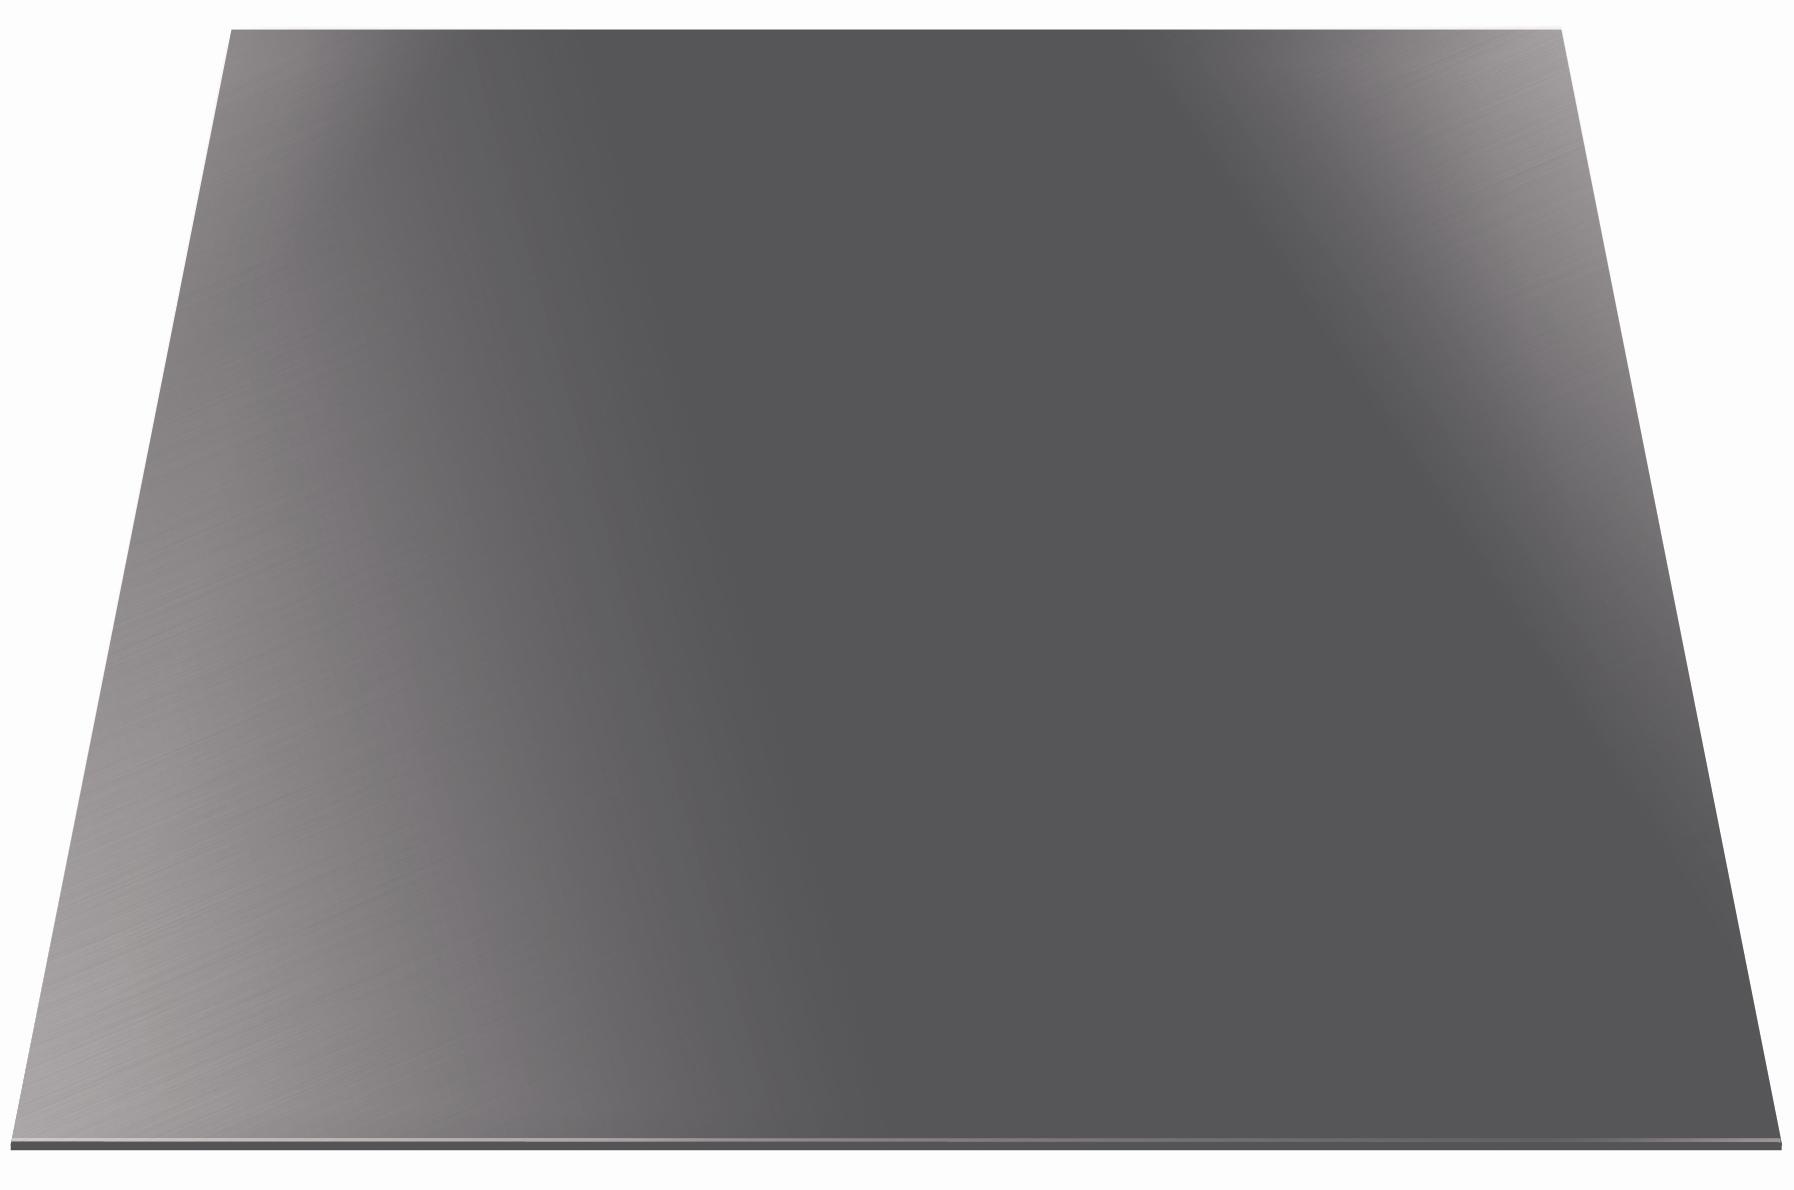 Abdeckfolie Malerfolie Plane Transparent Moderate Kosten Stärke 0,1 Mm Schutzfolie 4 X 6 M